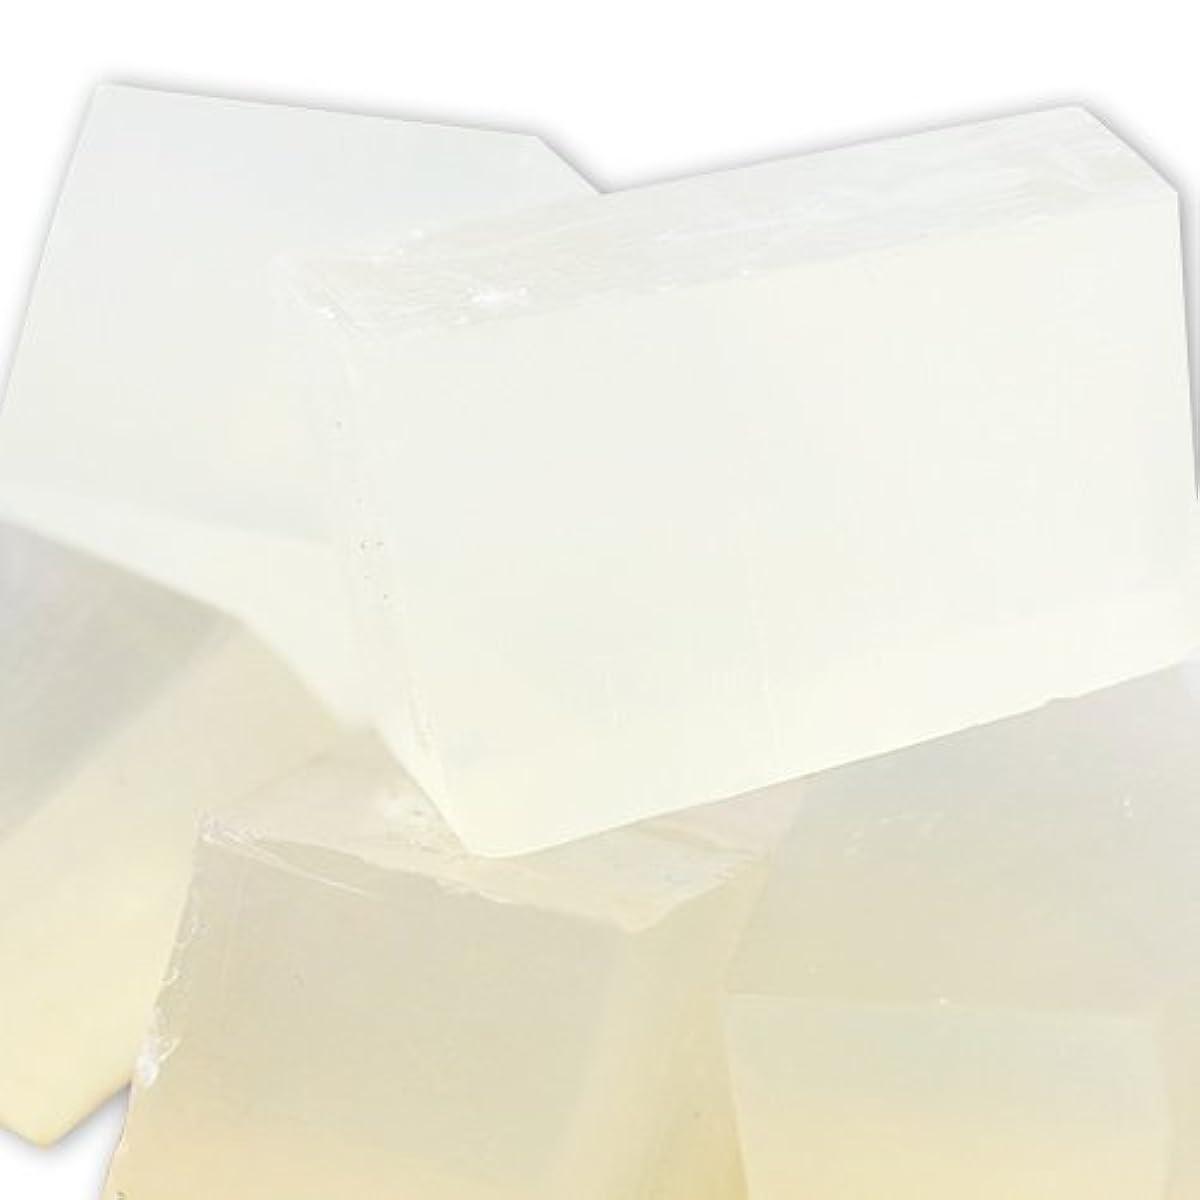 動機調整リファインMPソープ [グリセリンソープ] クリア SLSフリー 1kg 【手作り石鹸/ハンドメイドソープ】